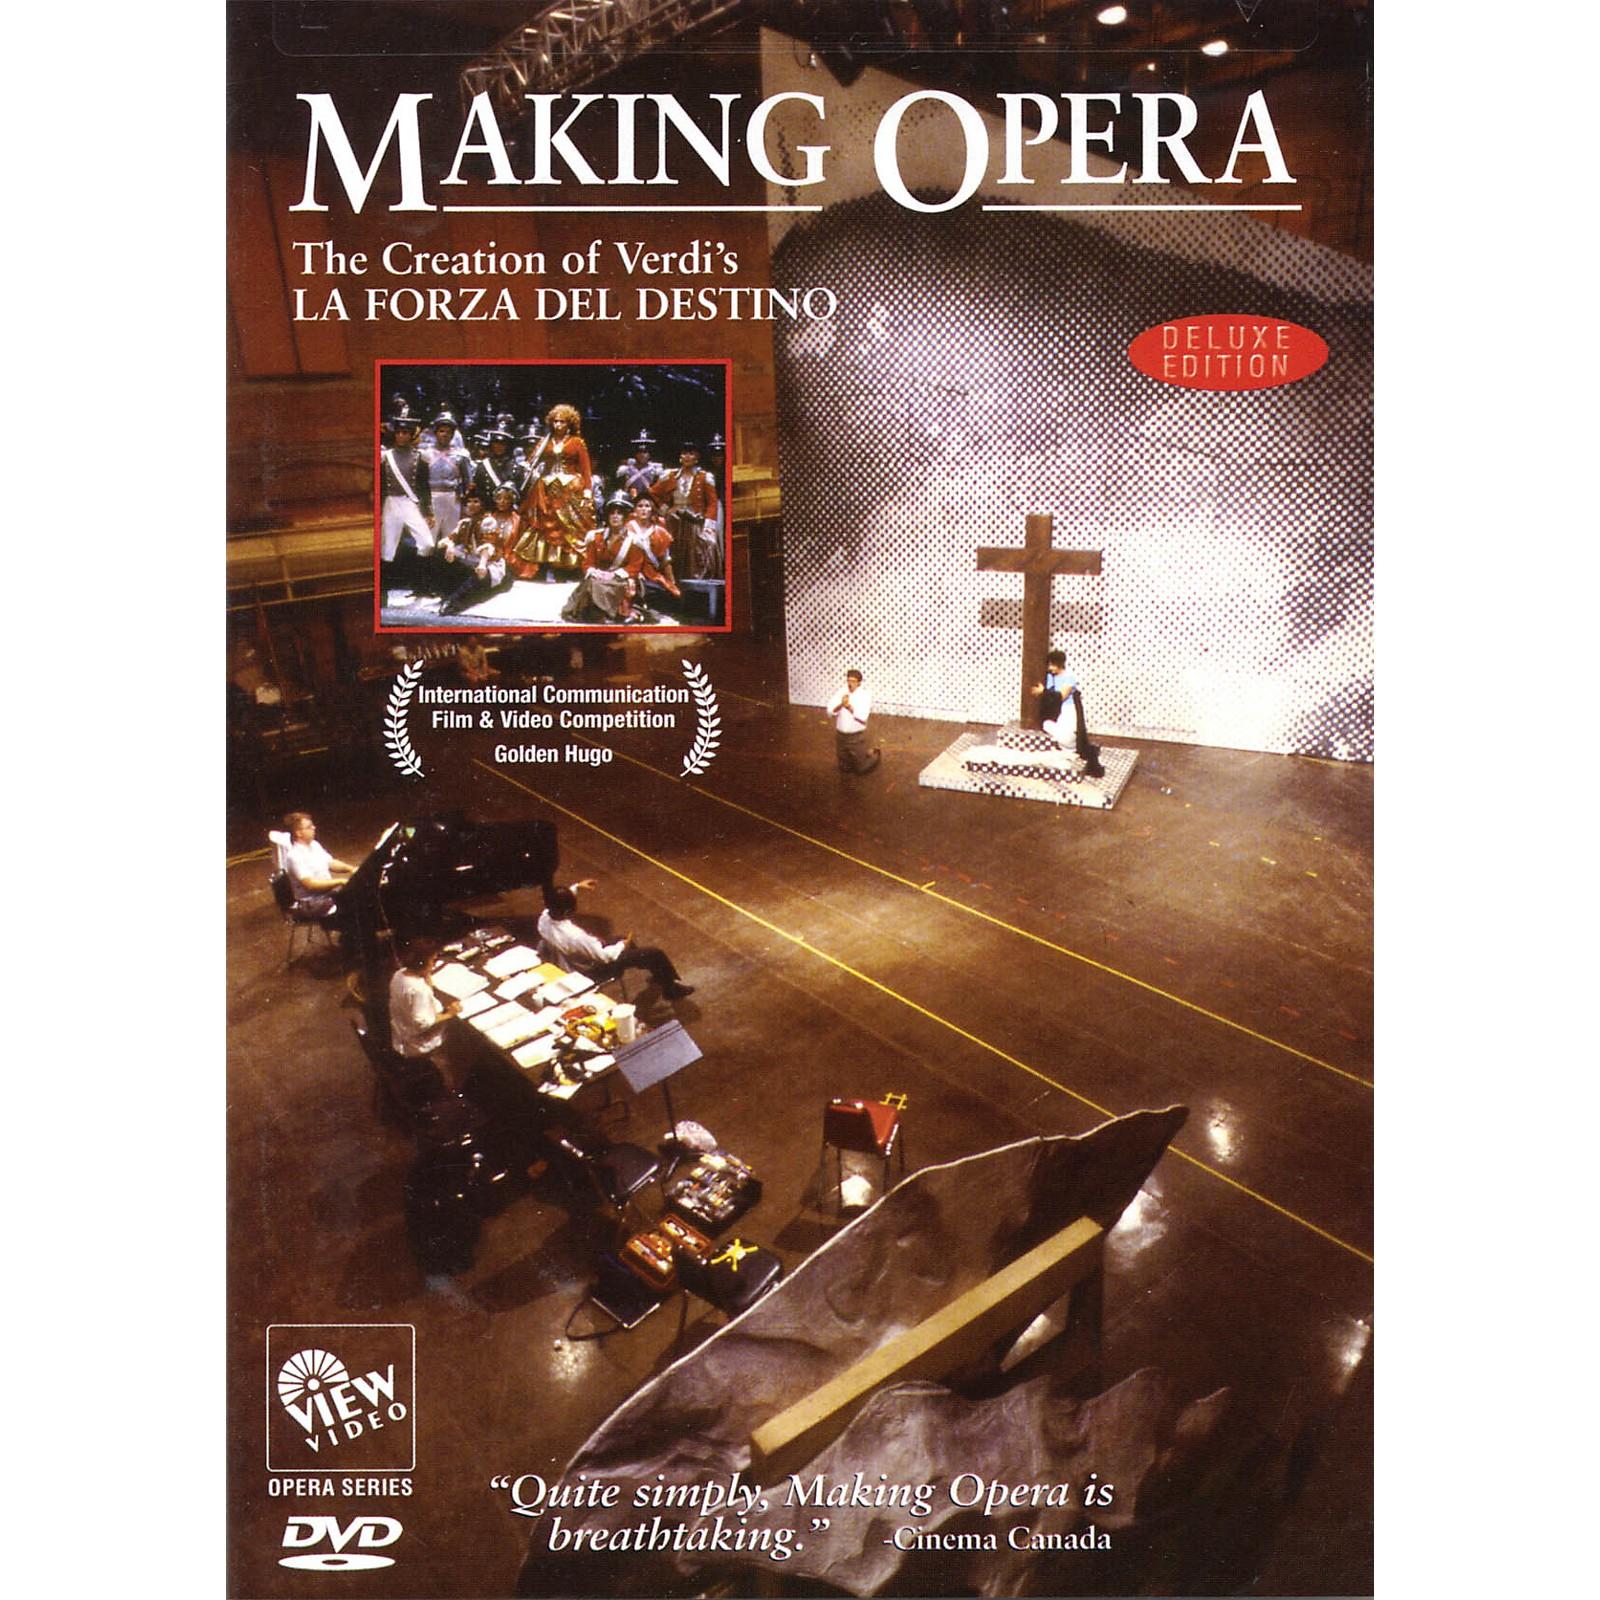 View Video Making Opera - The Creation of Verdi's La Forza Del Destino Live/DVD Series DVD